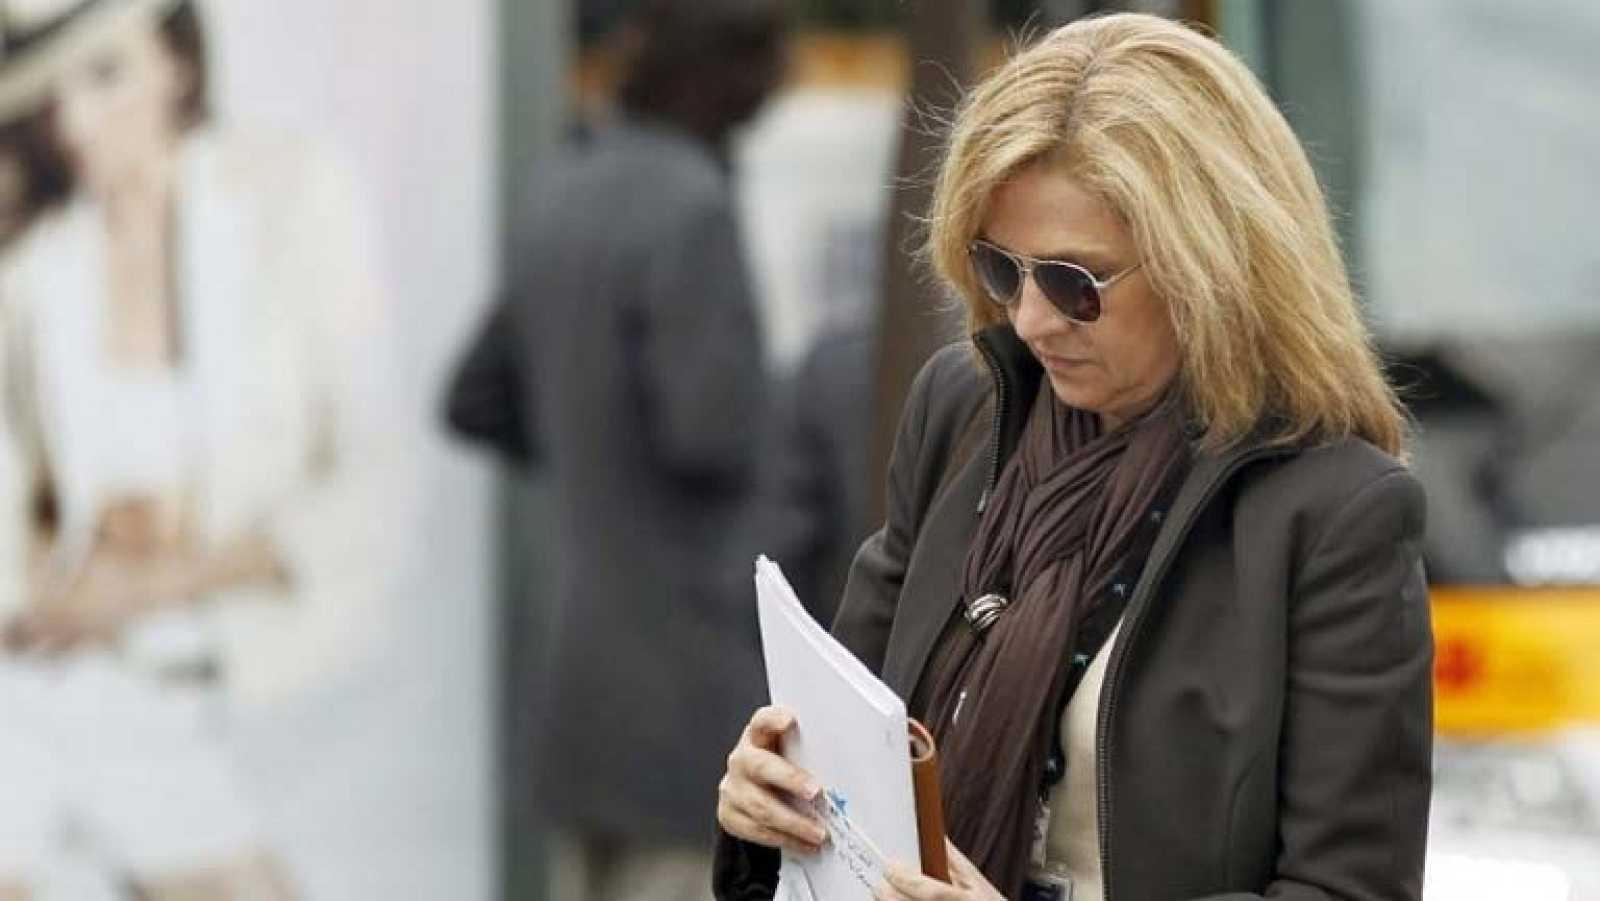 El juez Castro decidirá después de Reyes si imputa o no a la infanta Cristina